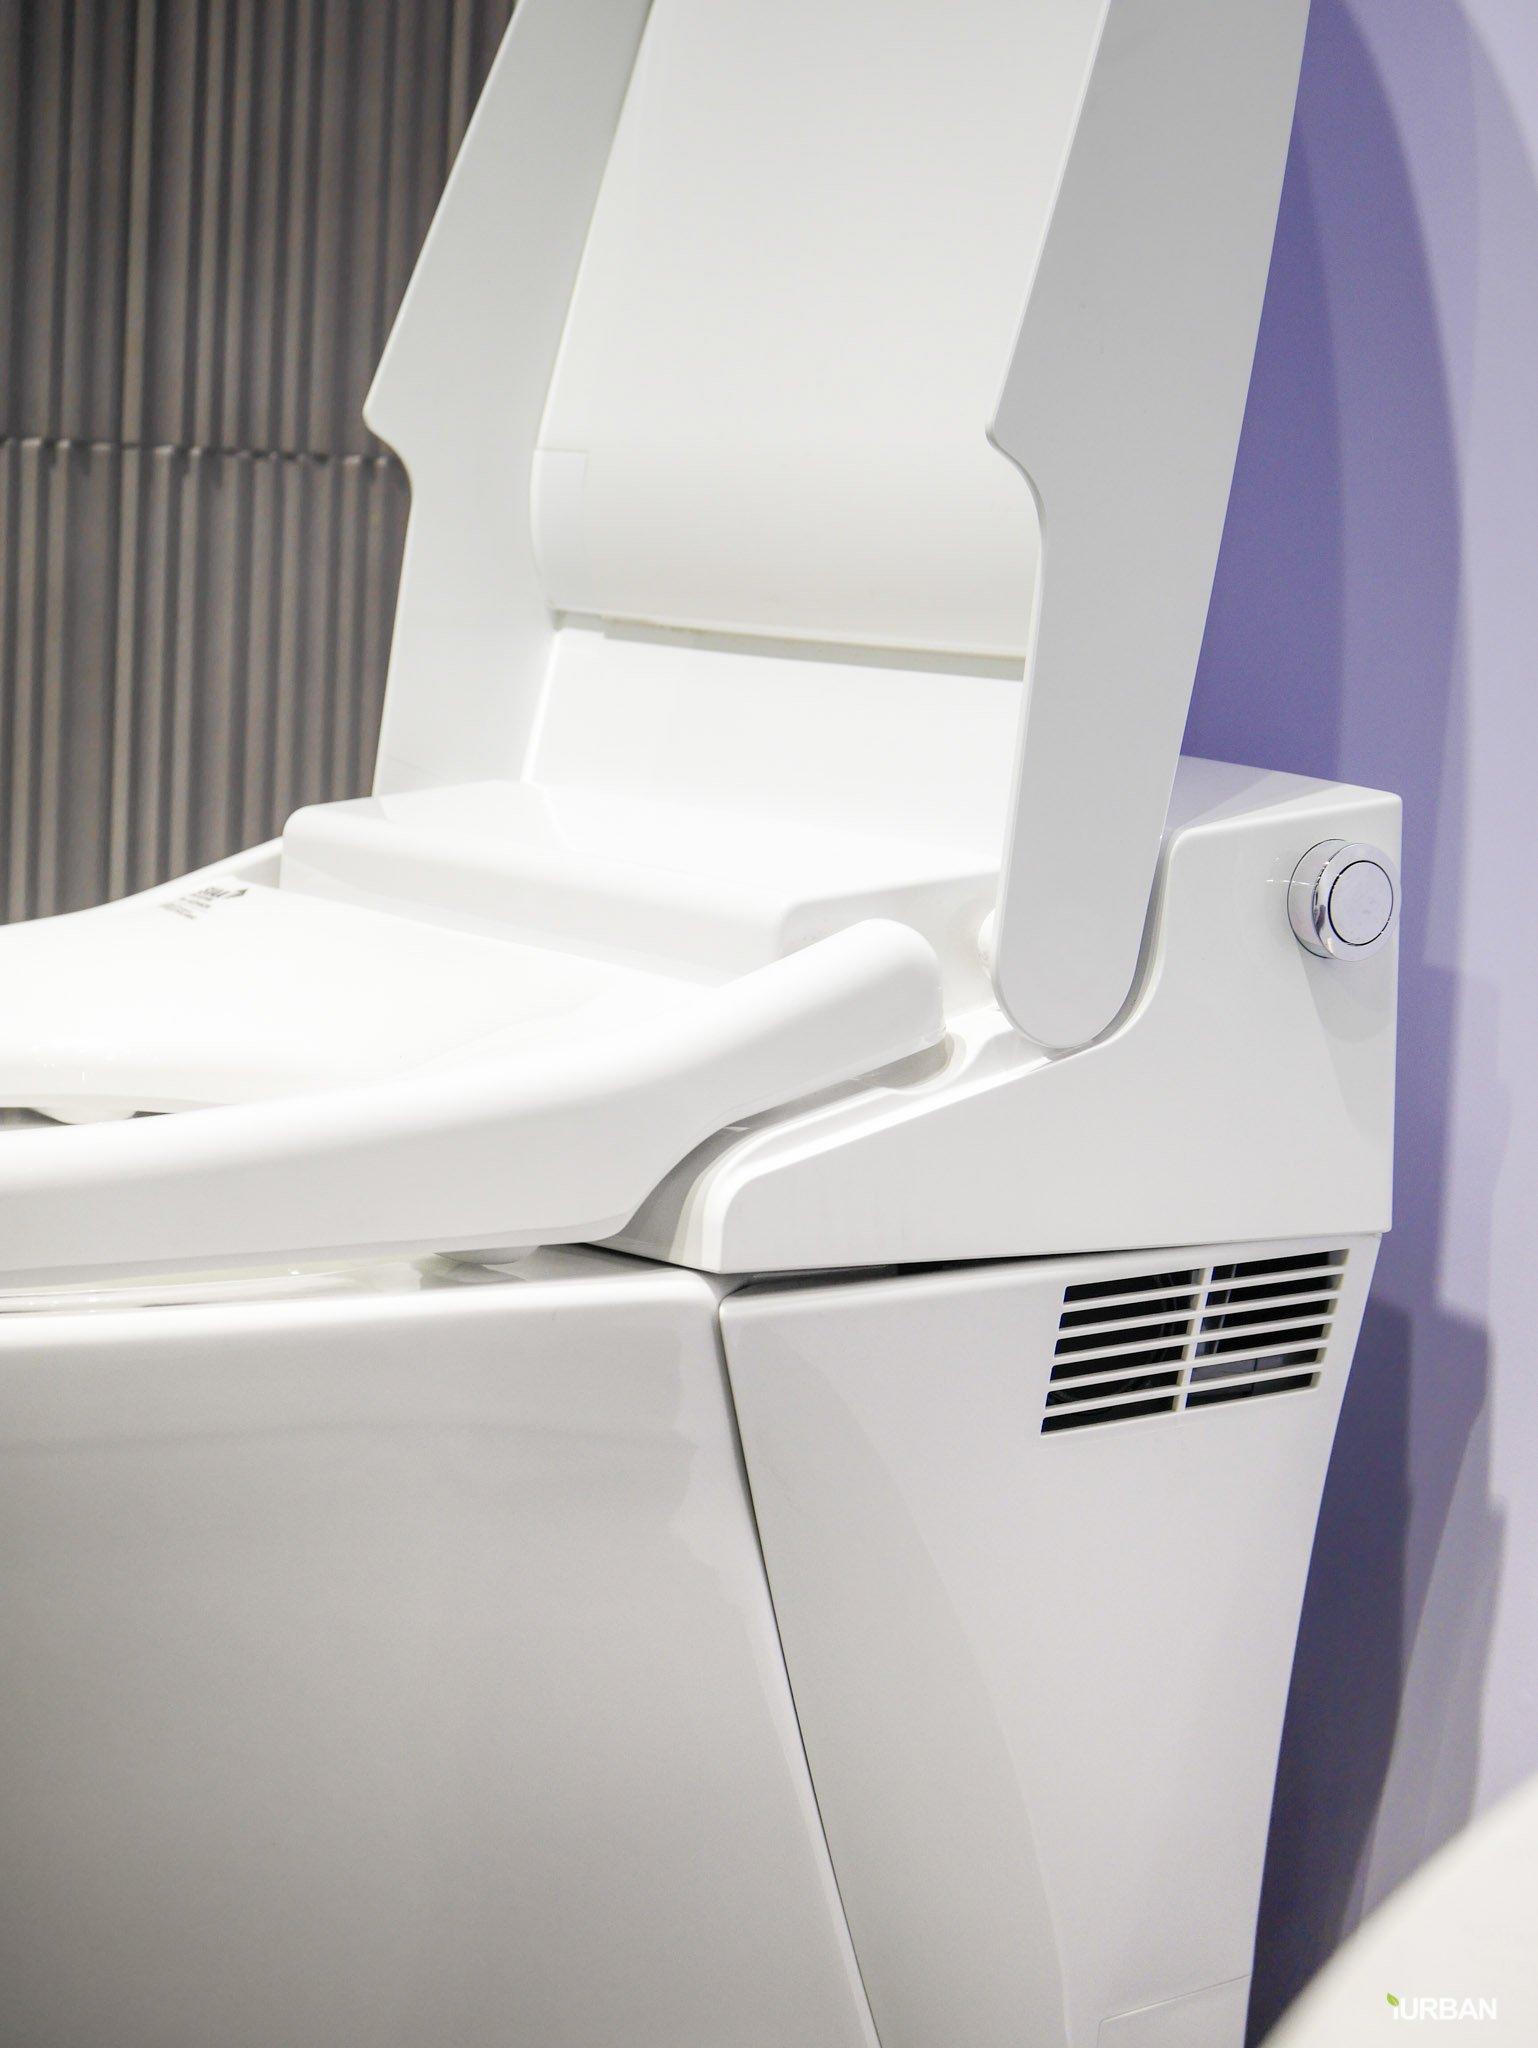 ปฏิวัติวงการเซรามิค 100 ปี ยังดูดีเหมือนใหม่ ชมนวัตกรรมสุขภัณฑ์ใหม่ในงานสถาปนิก '61 49 - American Standard